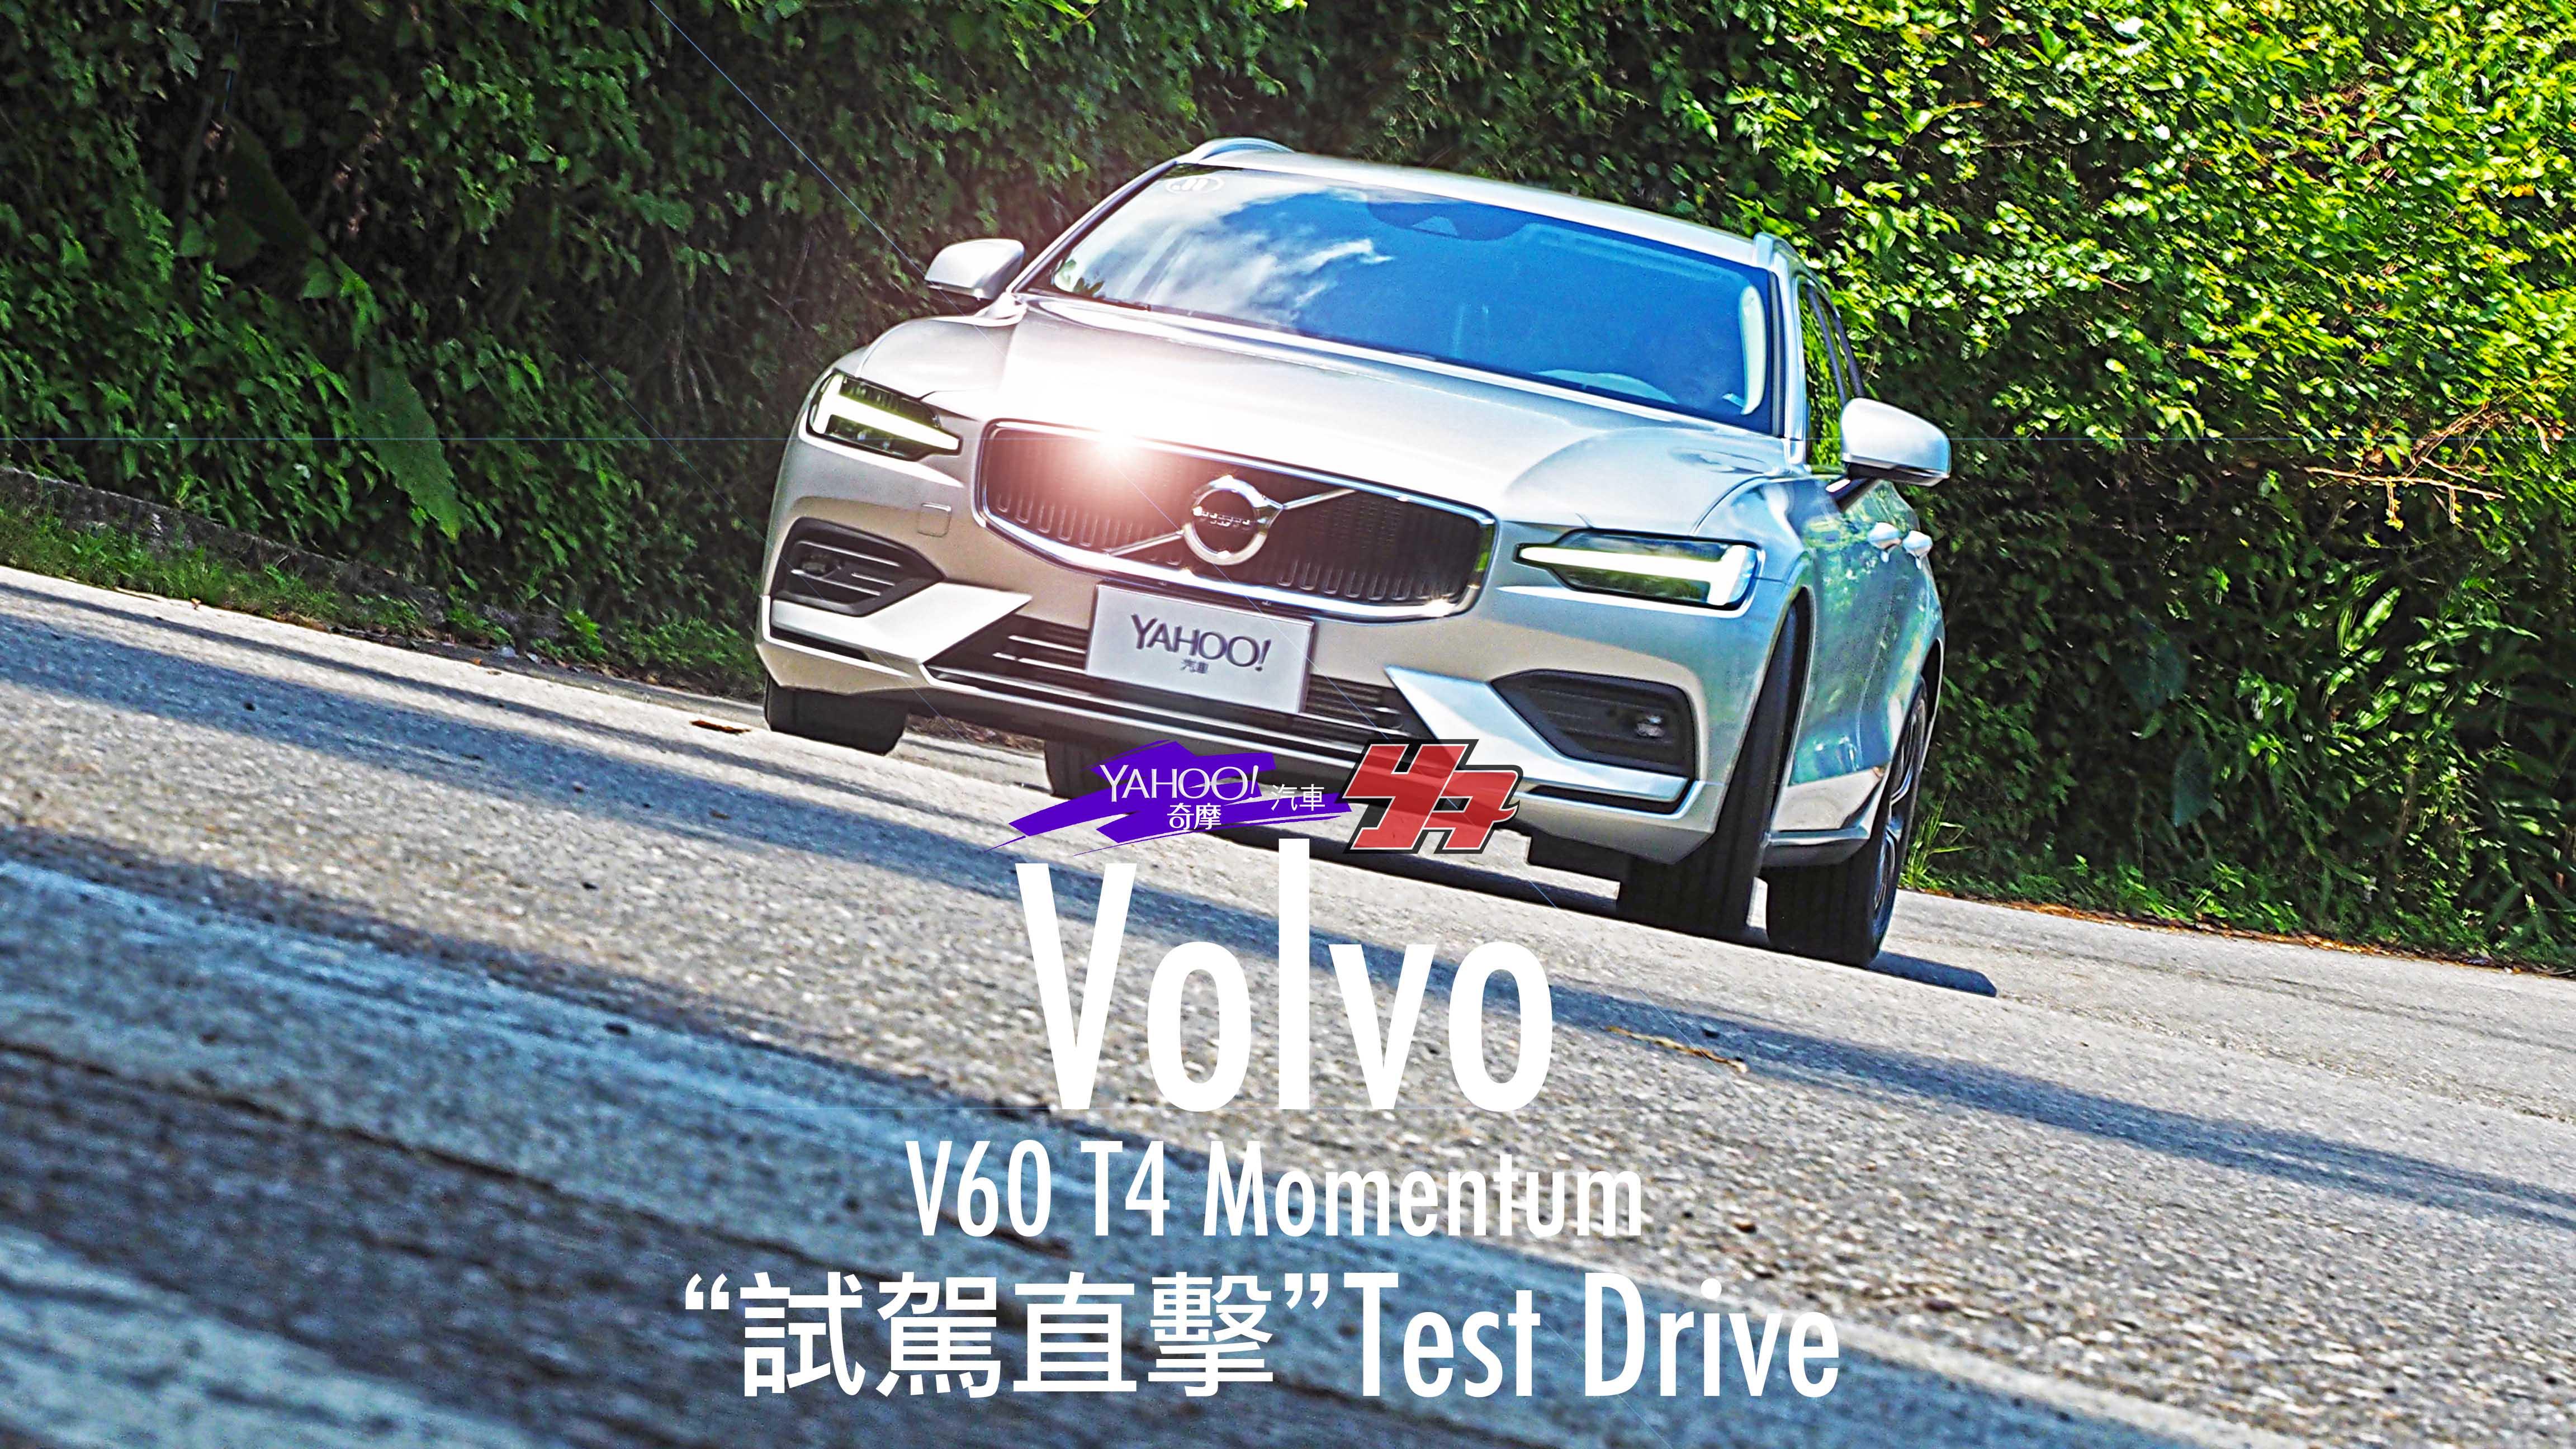 【試駕直擊】北歐第60號沉靜二部曲-邁向物質主義的終焉!2019 Volvo V60 T4 Momentum蘭陽試駕